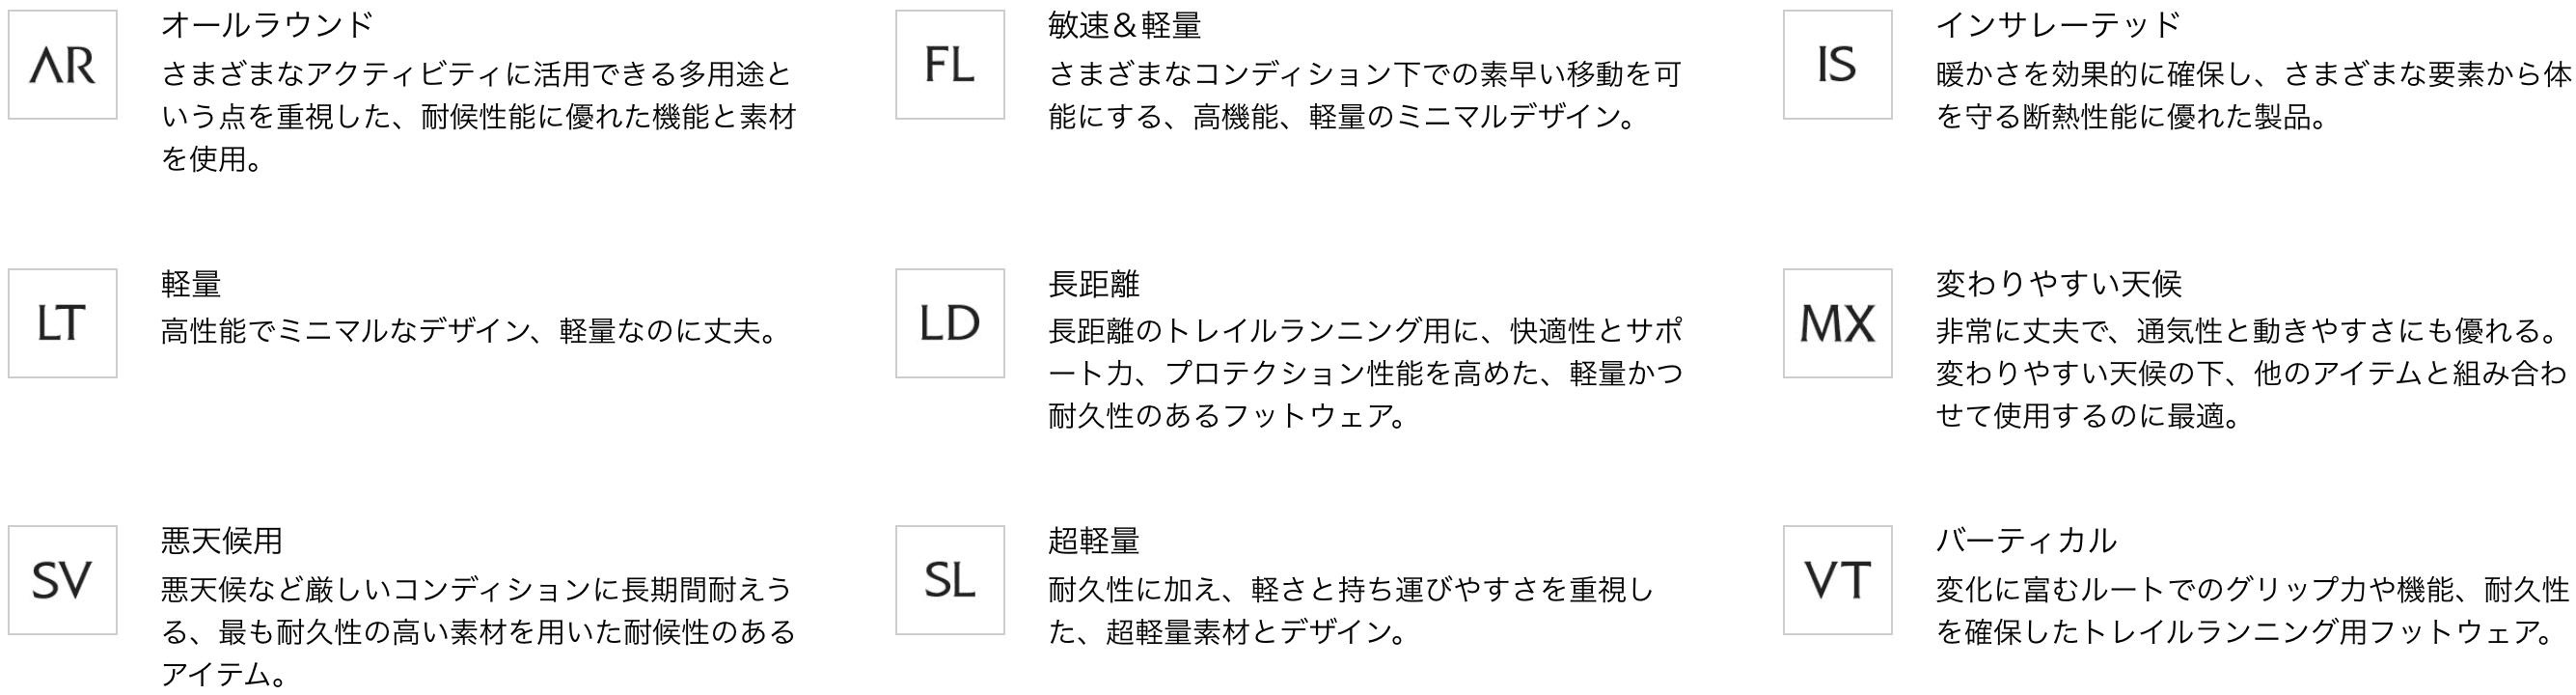 アークテリクスカテゴリー7